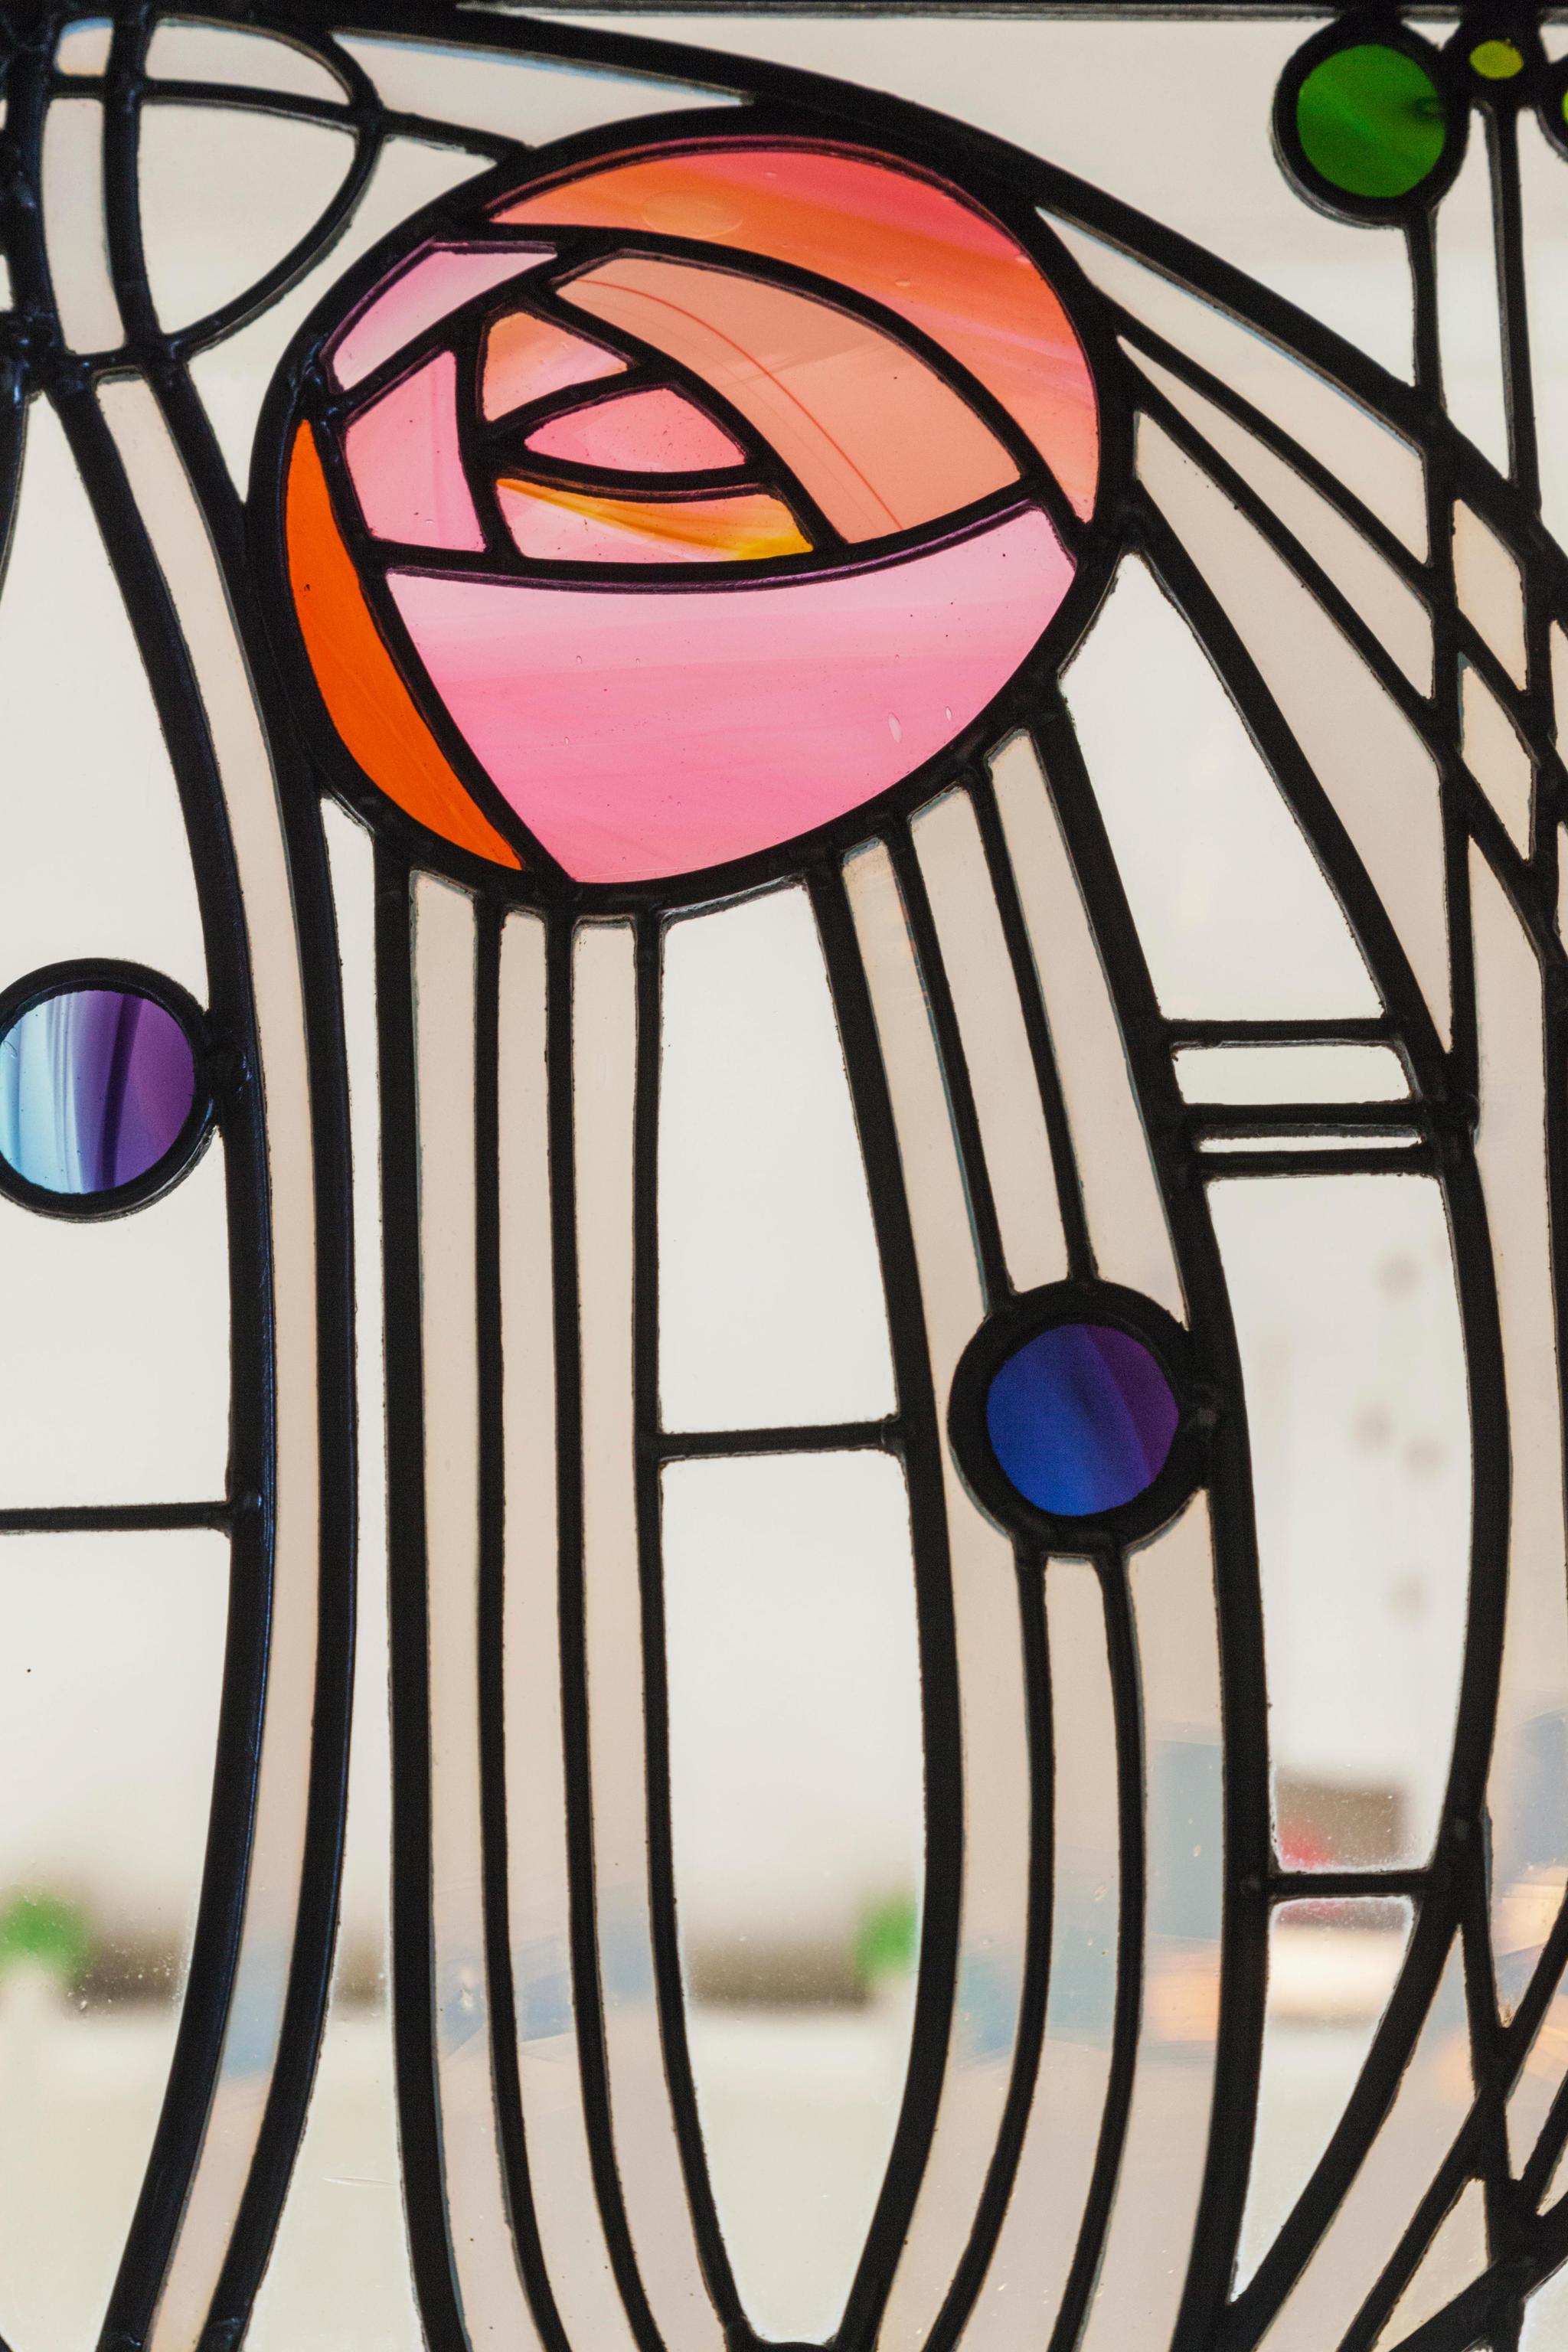 Vidriera con el símbolo de la rosa muy presente en la obra